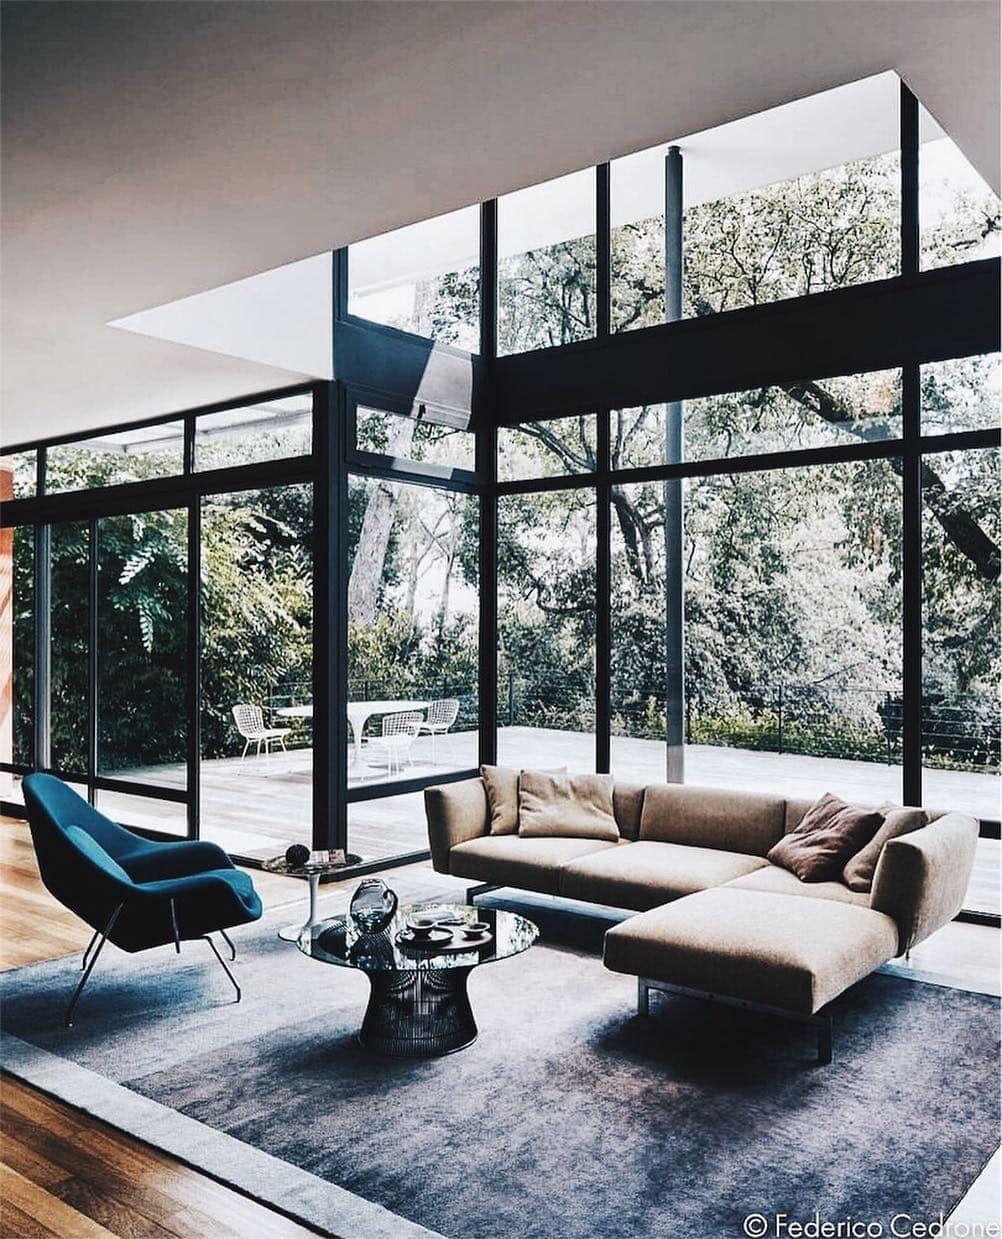 21 Inspiring Modern Living Room to Adopt Minimalism